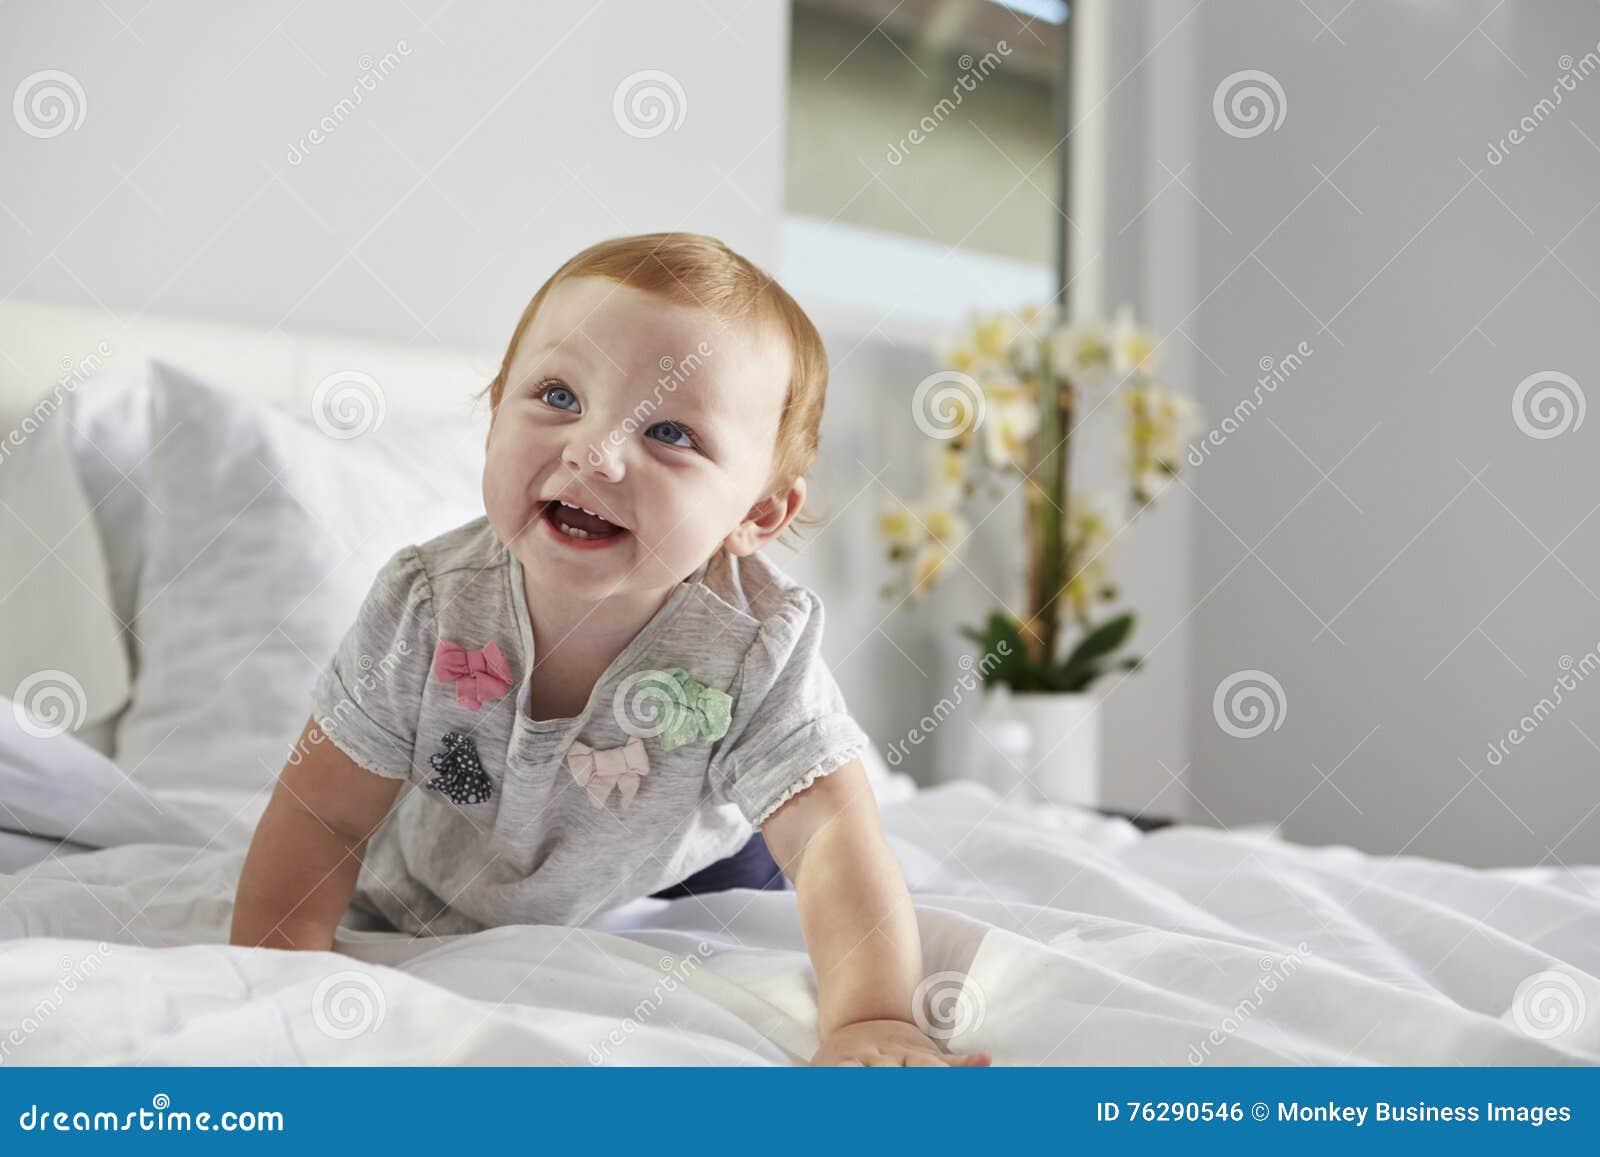 一个愉快的女婴爬行在床上的,在右边的拷贝空间